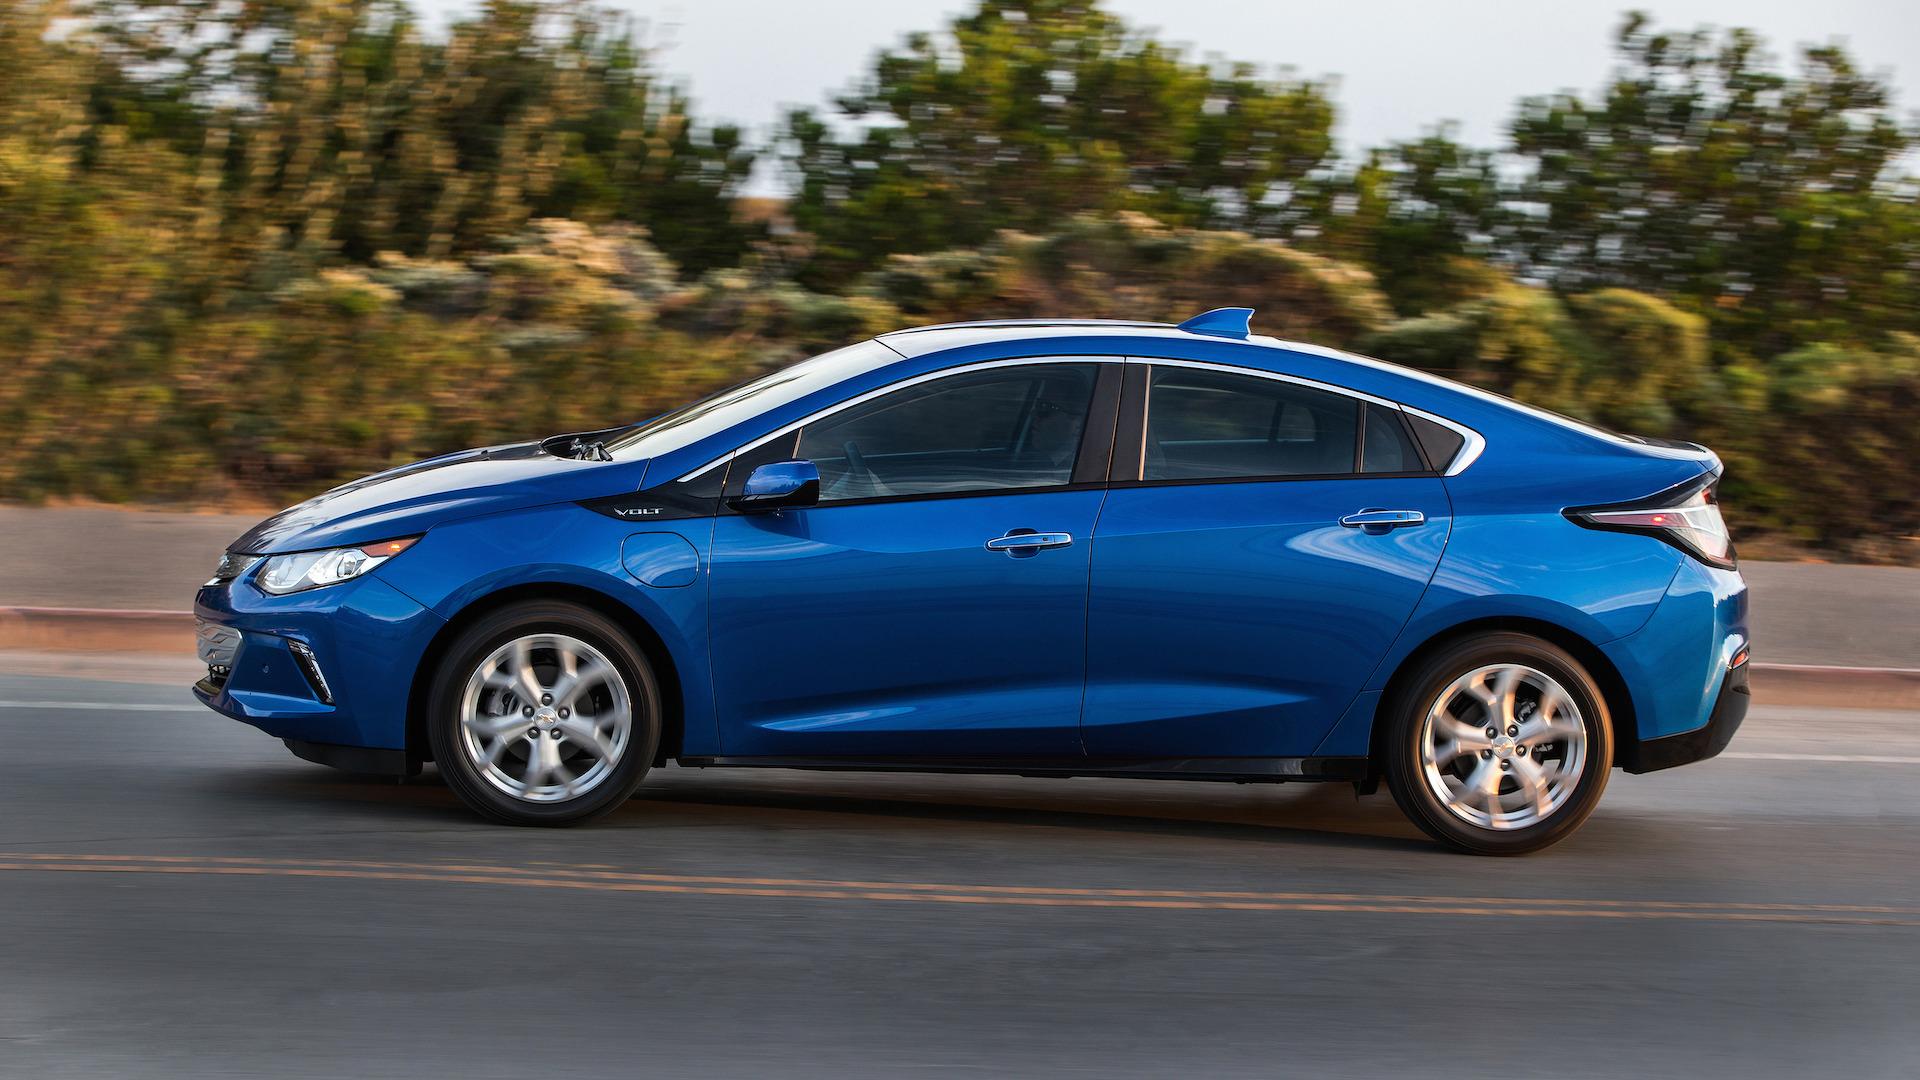 Kelebihan Kekurangan Chevrolet Volt Top Model Tahun Ini